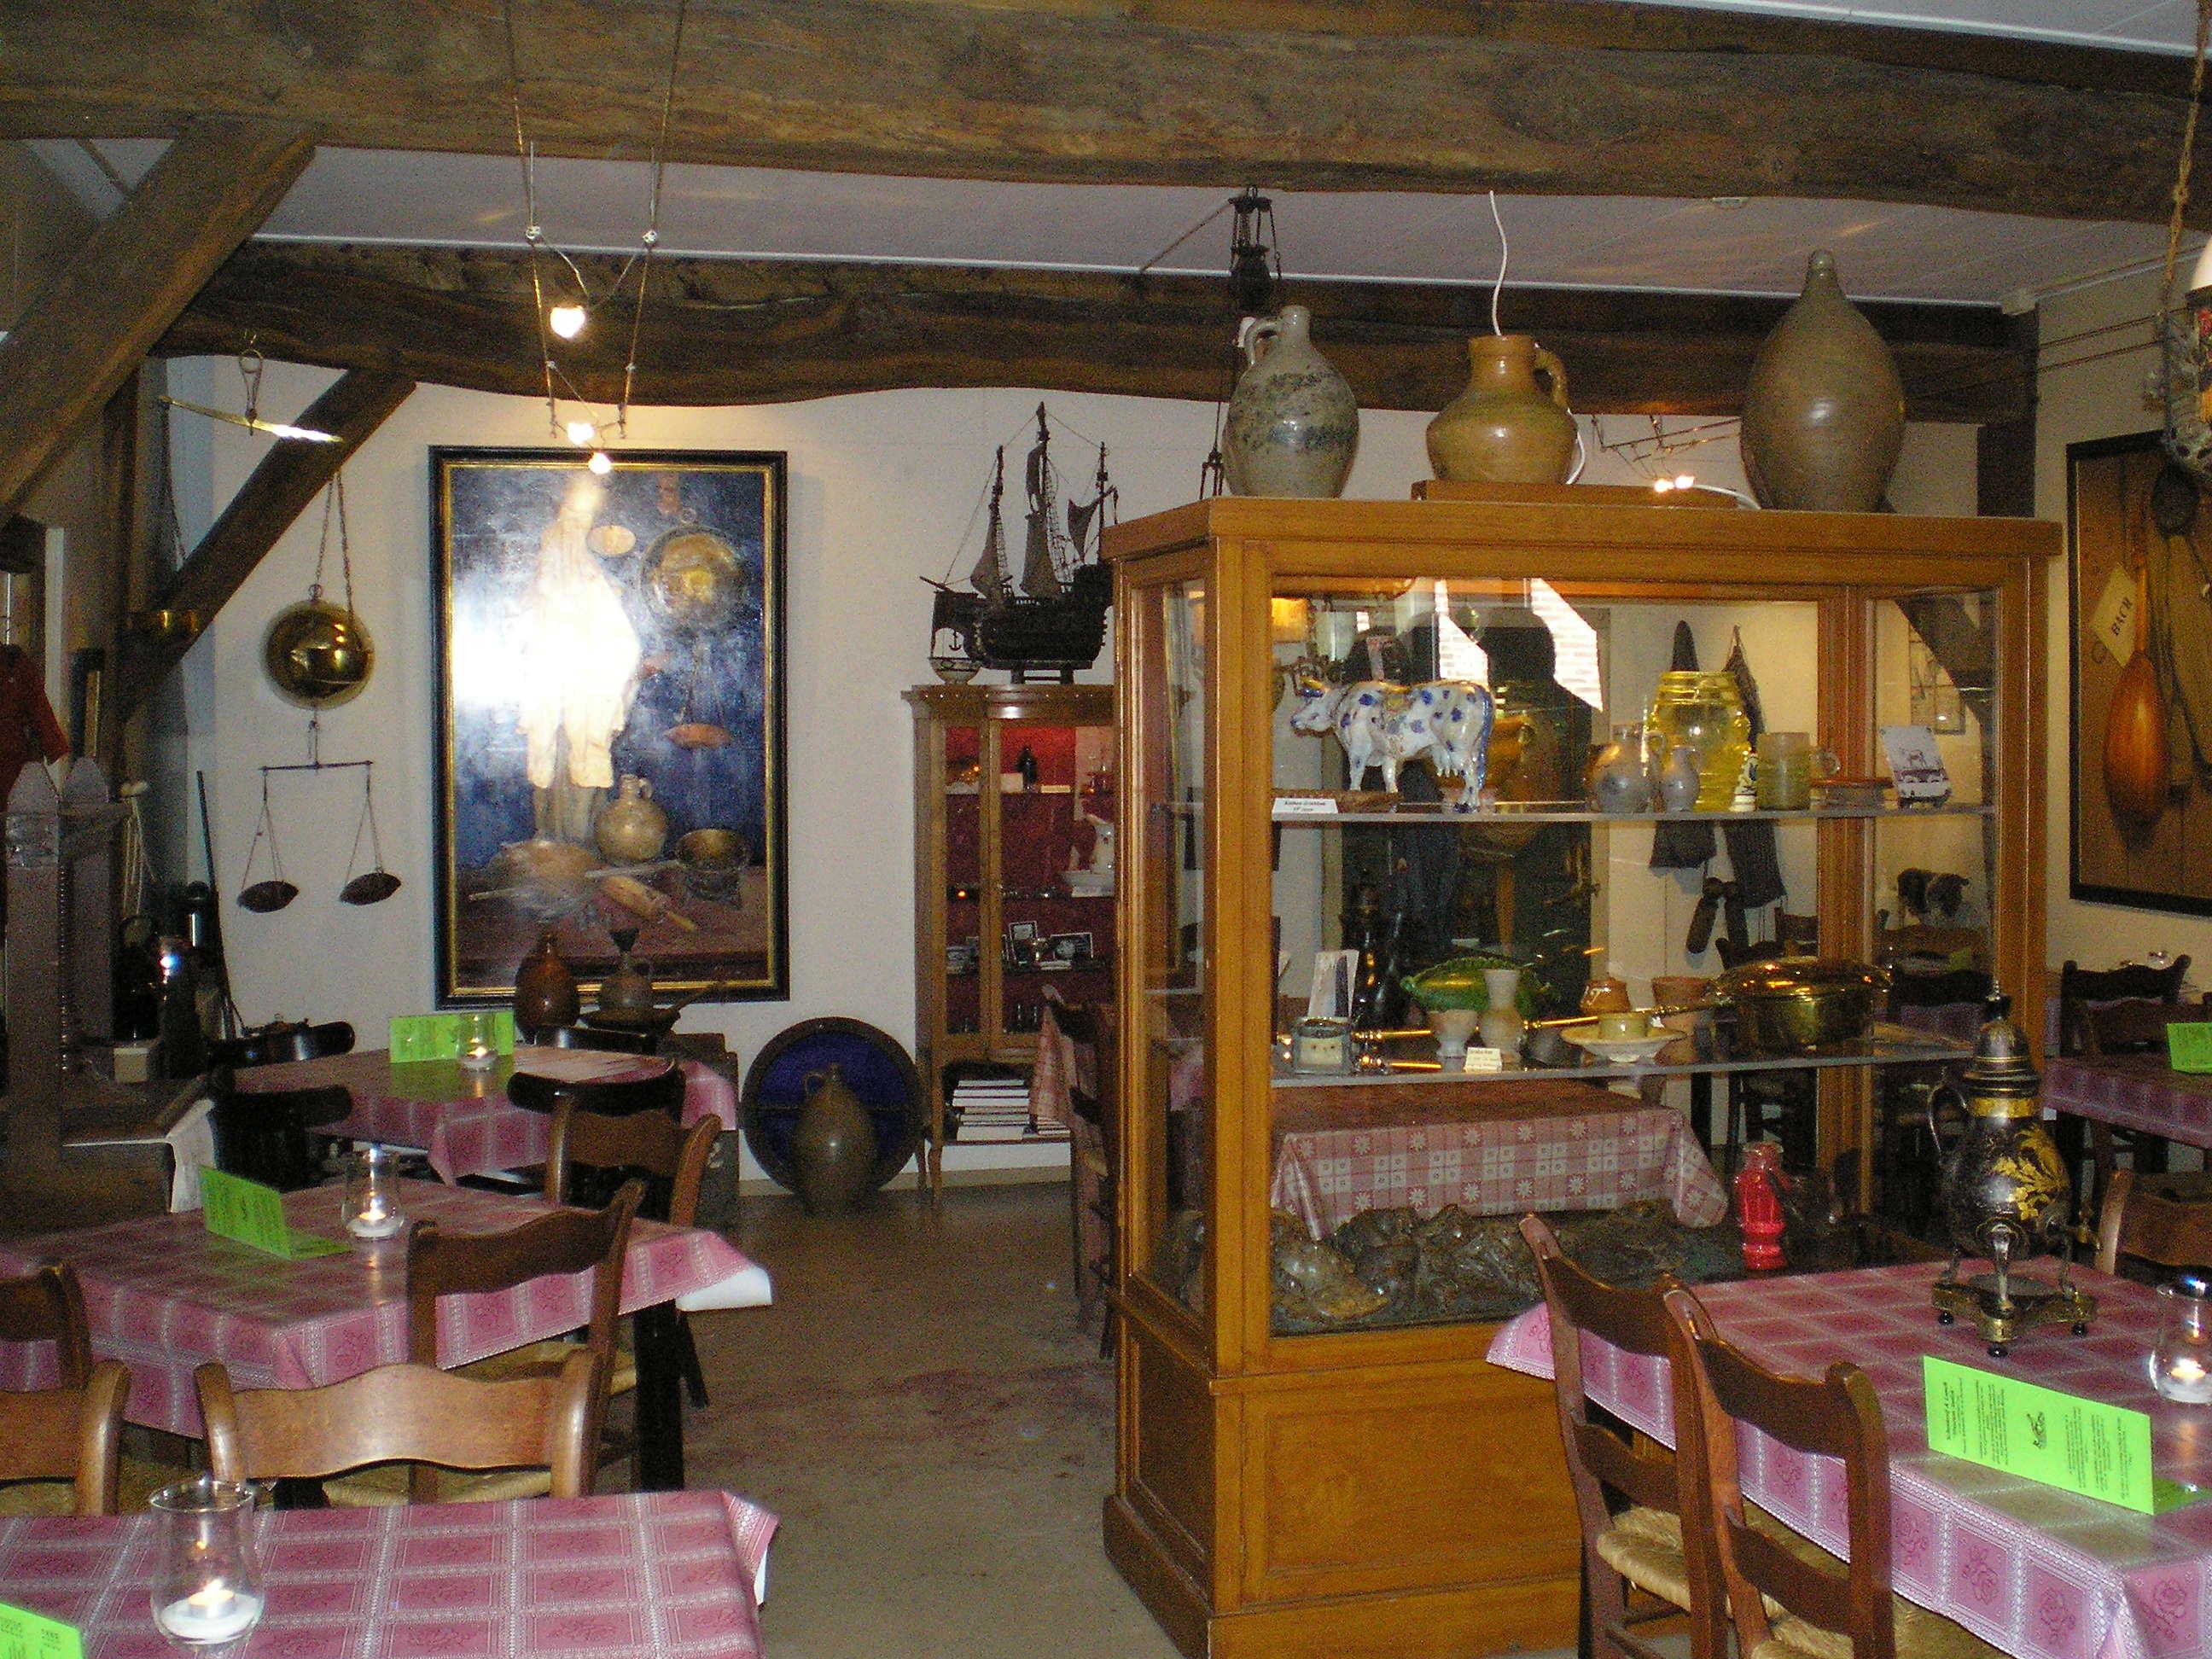 File:Schenkerij-Lunchmuseum Schoolstraat-1 Orvelte Drenthe Nederland.JPG